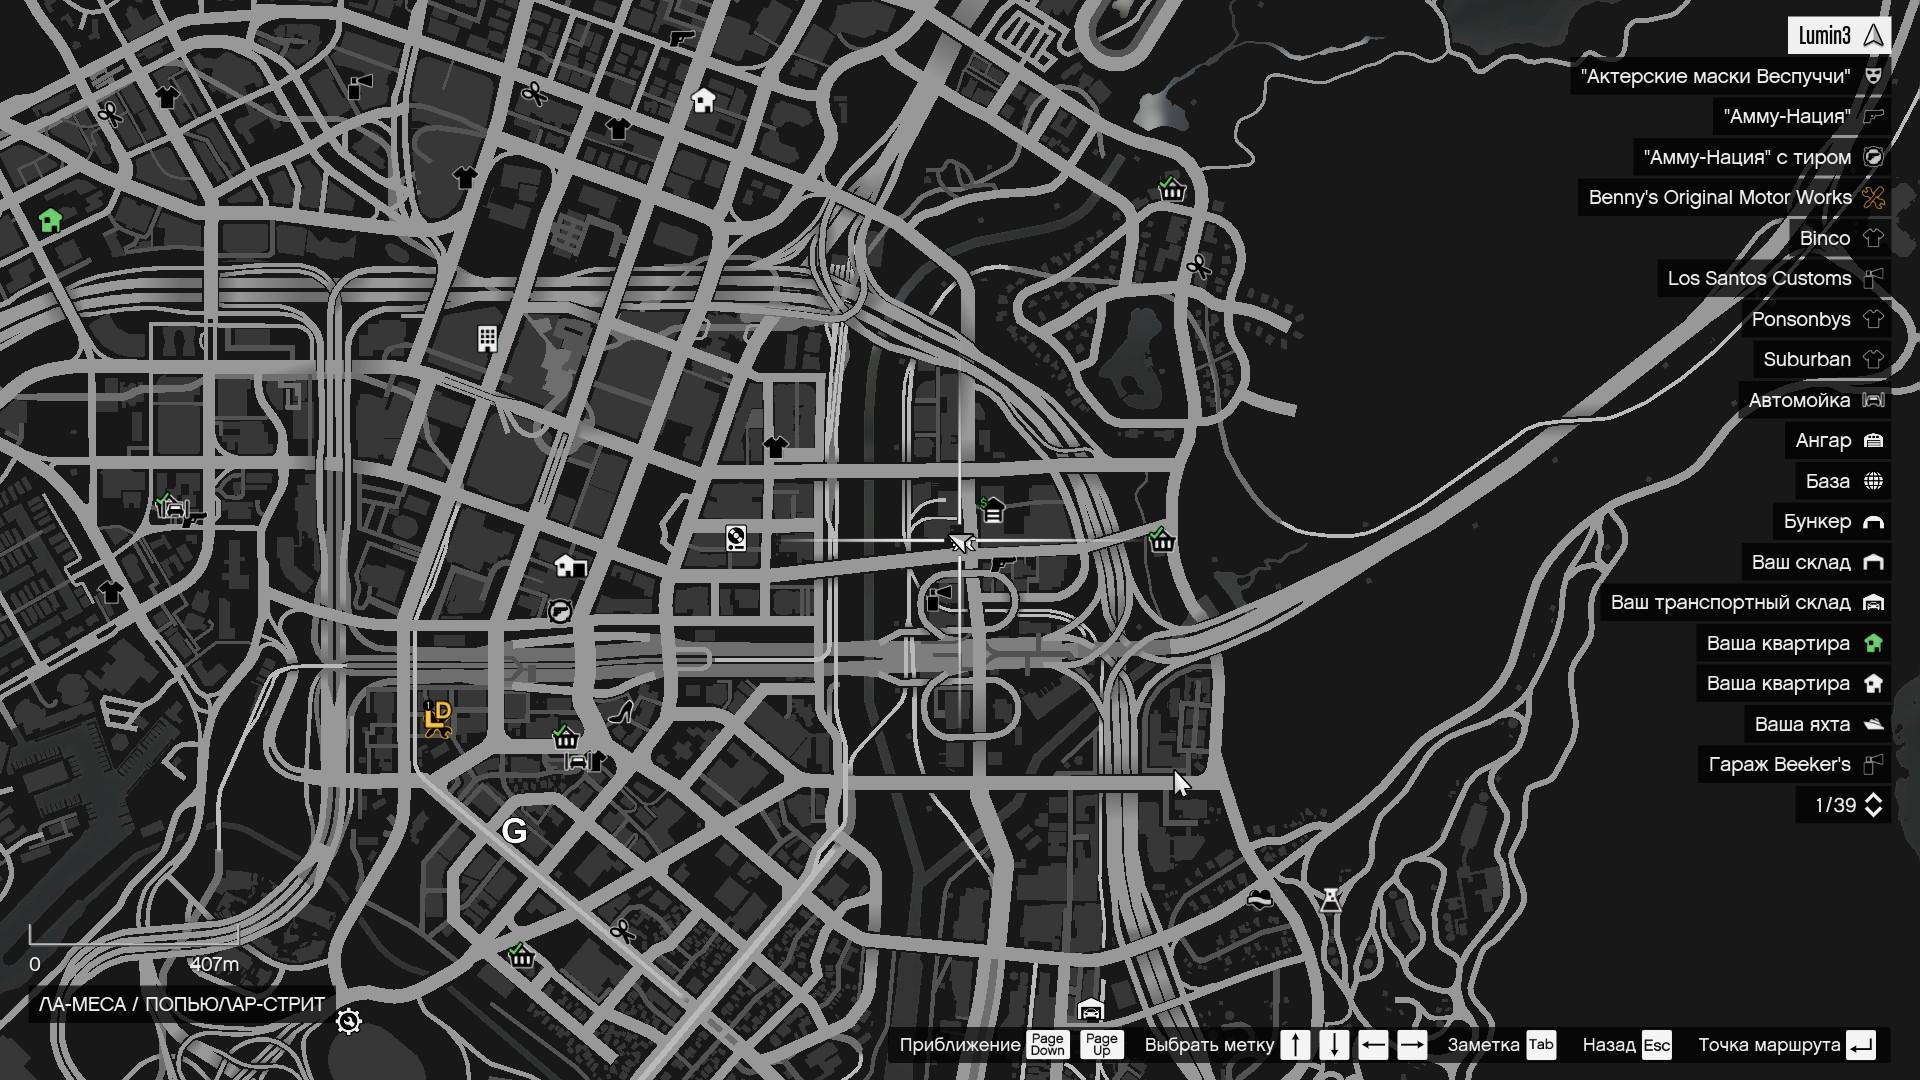 Ищем все реквизиты Соломона GTA 5 online